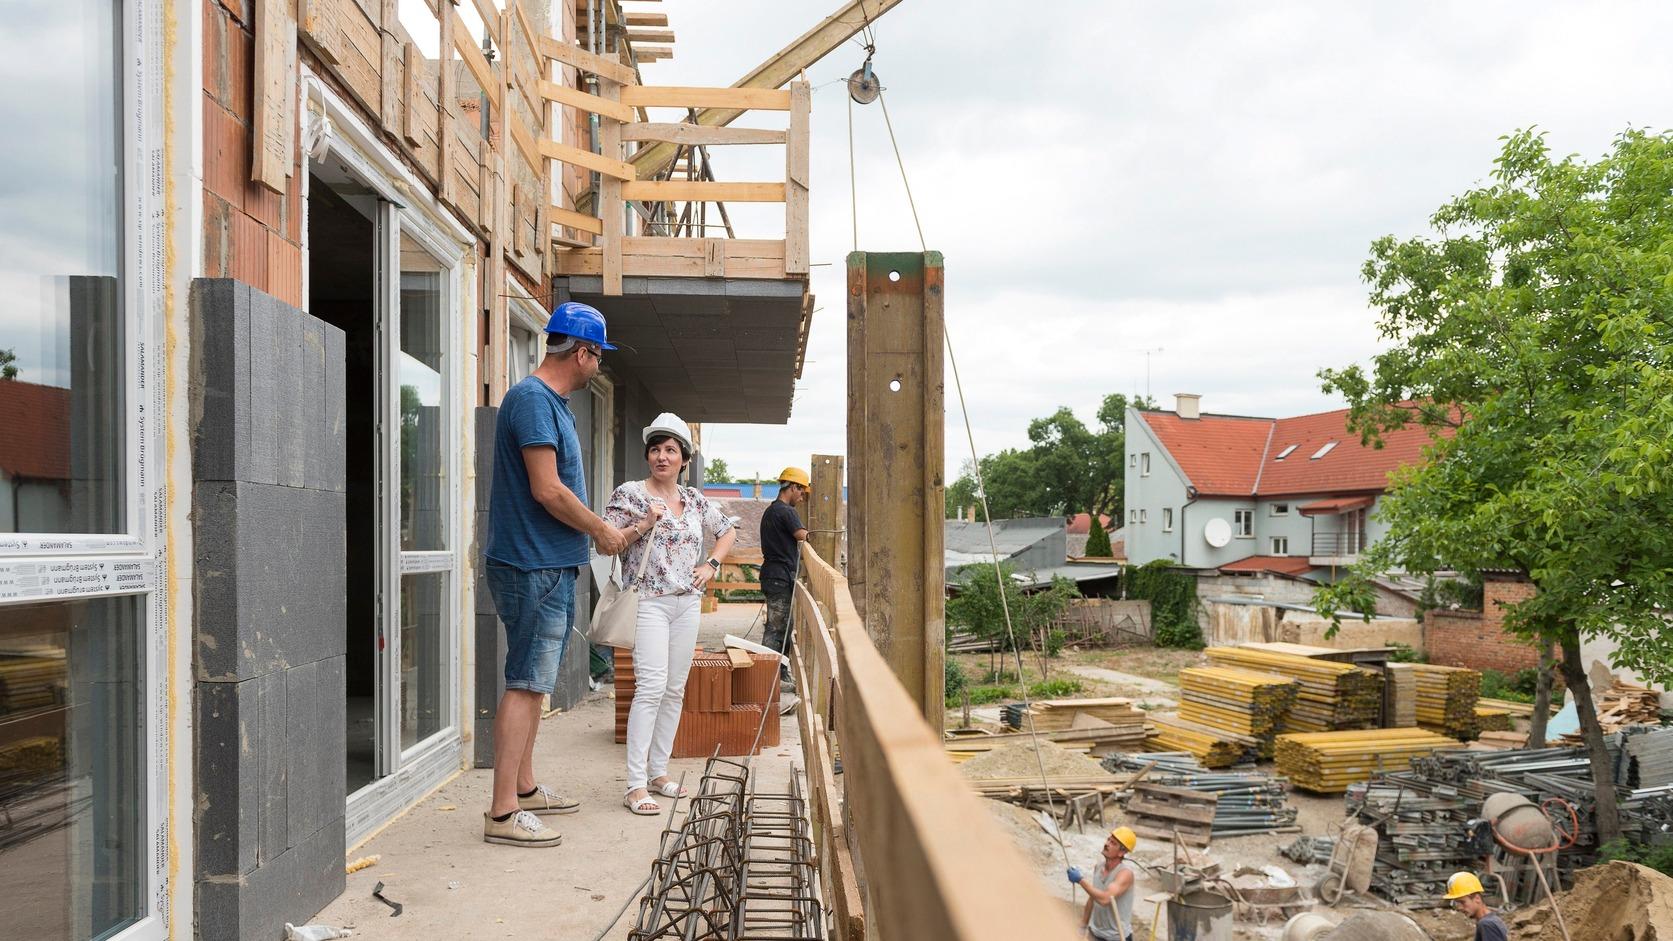 Nyíregyháza, 2017. június 14. Verebélyi János, a Selyem-Ber Kft. ügyvezetője megmutatja az építkezést a társasház egyik lakástulajdonosának, Páll Csillának a nyíregyházi Dózsa György utcában 2017. június 14-én. A városban dinamikusan növekszik az új lakások száma, 2015-ben 91 lakás, 2016-ban több mint négyszer annyi, 371 épült. Az idei év első öt hónapjában 325 lakásra adtak ki építési engedélyt, így várhatóan az év végére 600 új lakás építése kezdődik meg. MTI Fotó: Balázs Attila